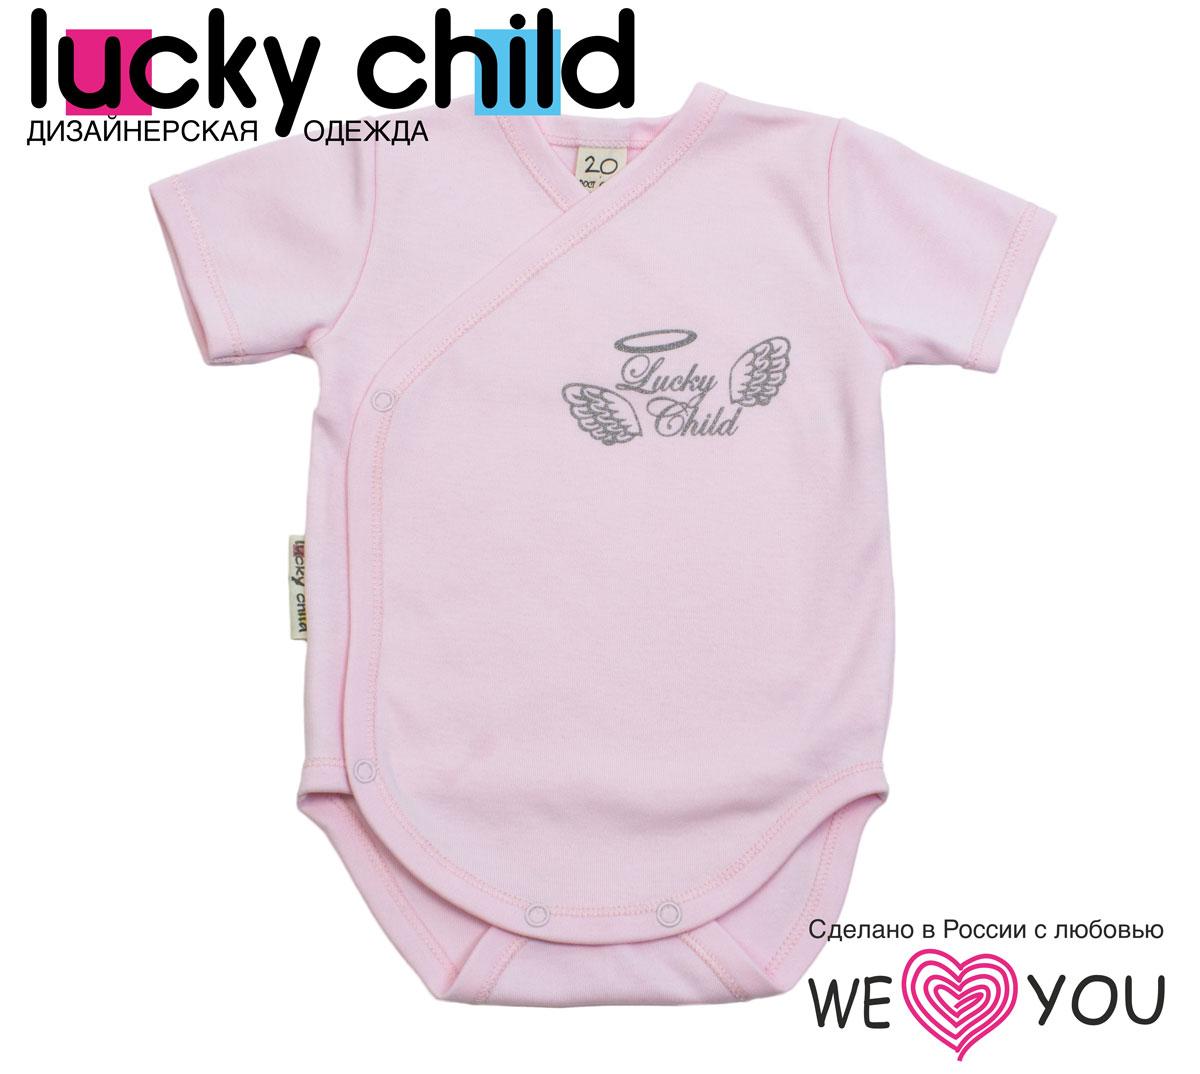 Боди-футболка детское Lucky Child Ангелы, цвет: розовый. 17-51. Размер 56/6217-51Детское боди-футболка Lucky Child Ангелы с короткими рукавами послужит идеальным дополнением к гардеробу малыша в теплое время года, обеспечивая ему наибольший комфорт. Боди изготовлено из интерлока - натурального хлопка, благодаря чему оно необычайно мягкое и легкое, не раздражает нежную кожу ребенка и хорошо вентилируется, а эластичные швы приятны телу малыша и не препятствуют его движениям. Удобные застежки-кнопки по принципу «кимоно» и на ластовице помогают легко переодеть младенца и сменить подгузник. Боди на груди оформлено надписью в виде логотипа бренда и изображением крылышек, а на спинке дополнено текстильными крылышками, вышитыми металлизированной нитью.Боди полностью соответствует особенностям жизни малыша в ранний период, не стесняя и не ограничивая его в движениях. В нем ваш ребенок всегда будет в центре внимания.